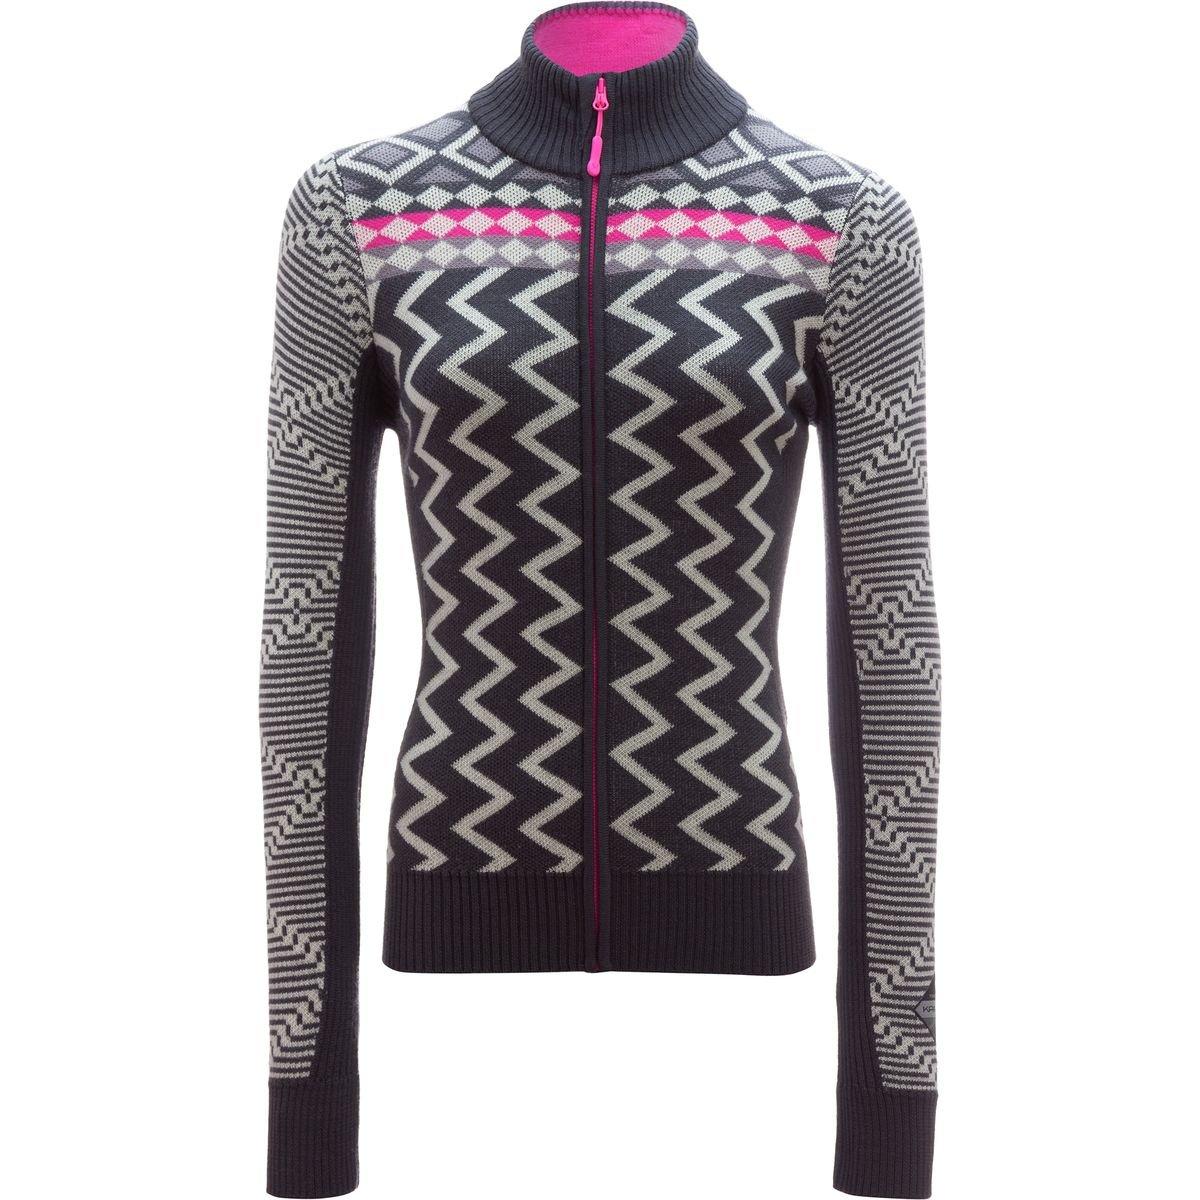 Kari Traa Vinje Full-Zip Knit Jacket - Women's Ebon, S